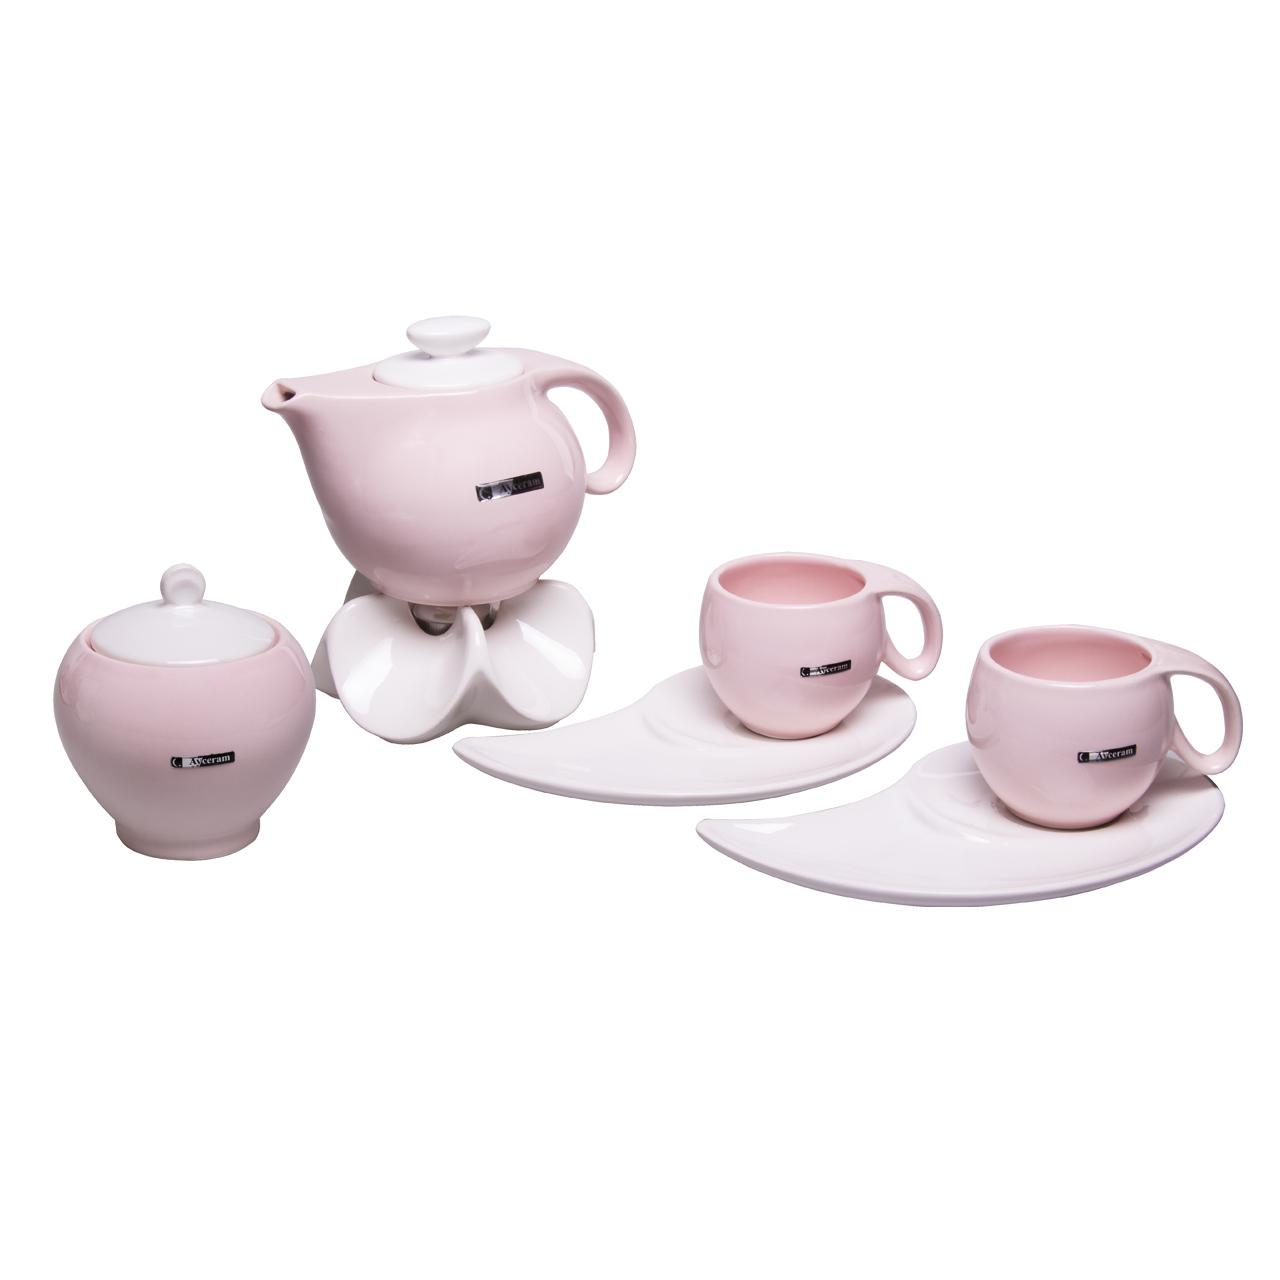 سرویس چای خوری 9 پارچه آی سرام کد 374